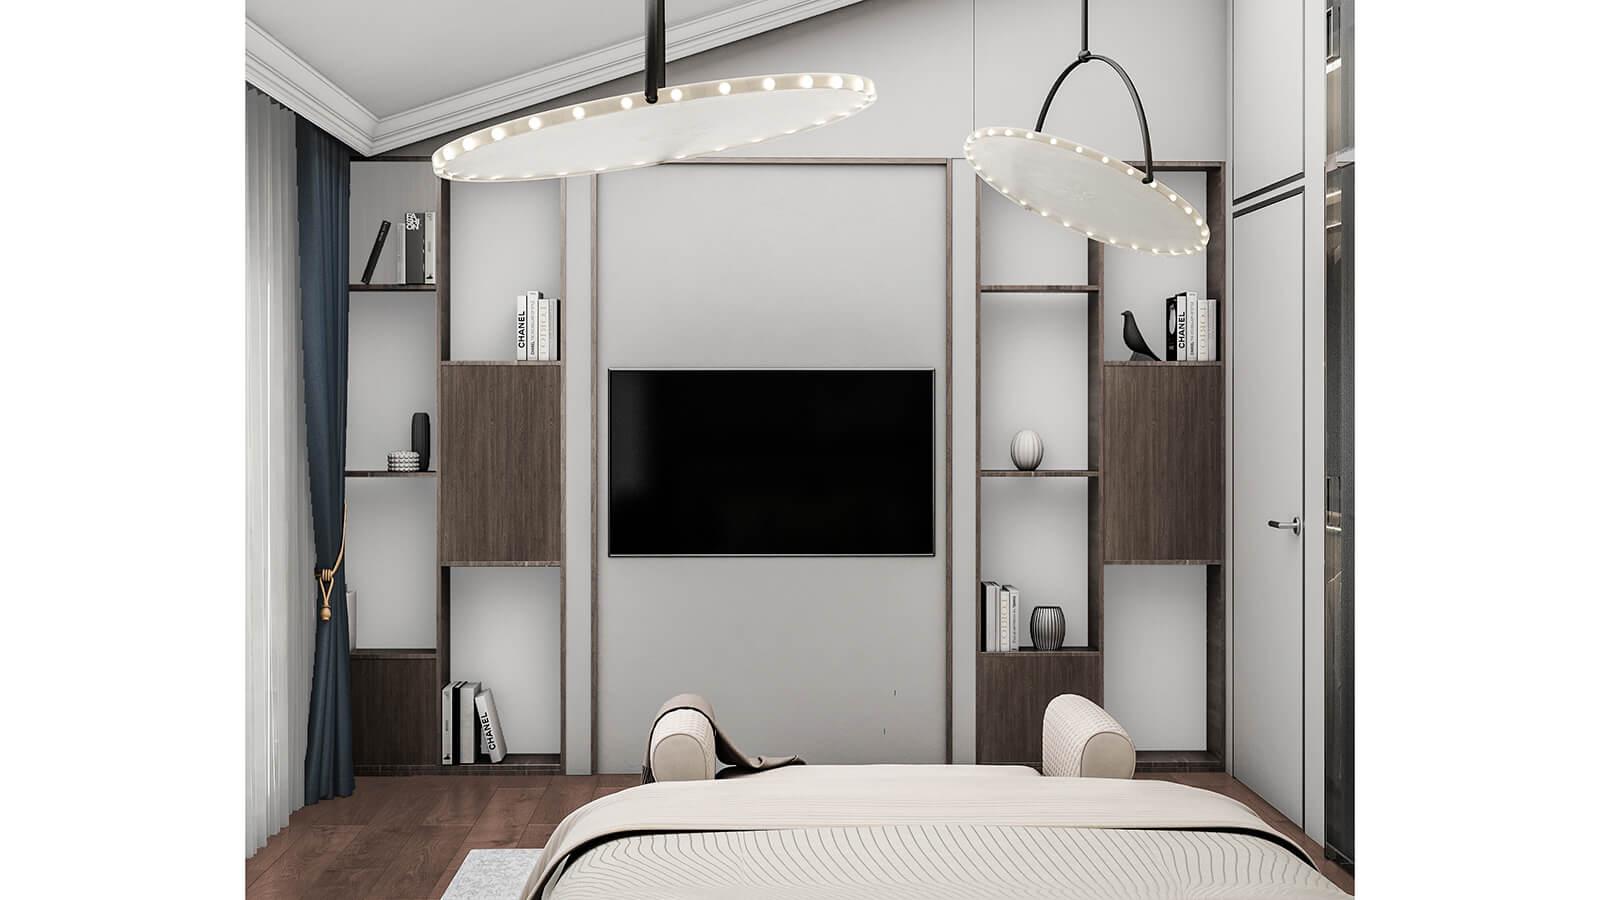 interioren-dizain-na-kashta-proekt-na-spalnya